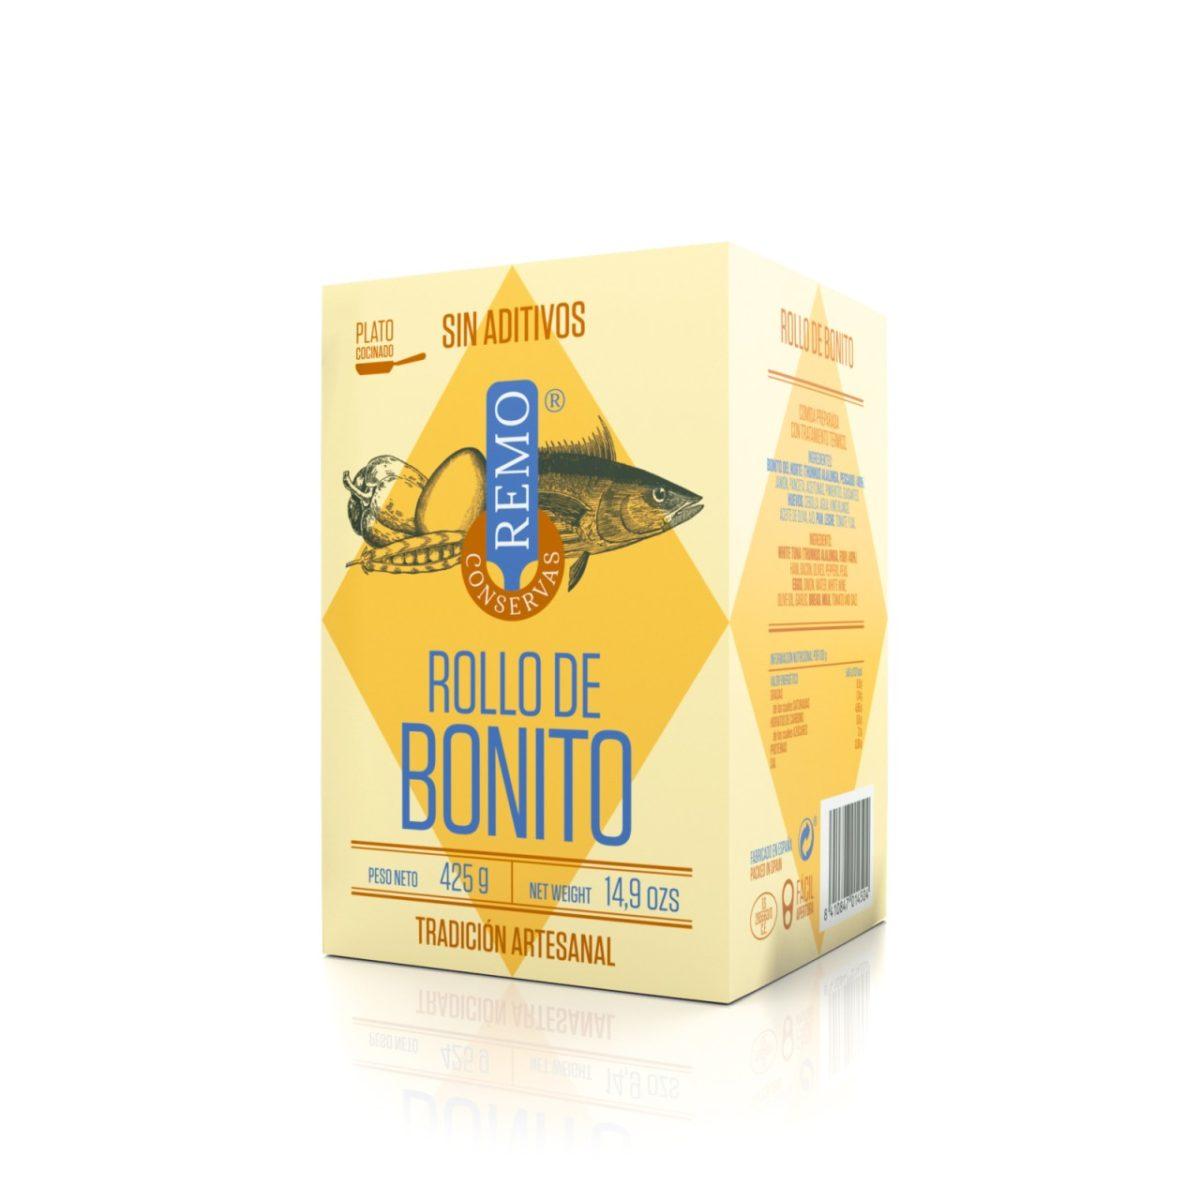 Rollo de Bonito de Conservas Remo, platos cocinados asturianos, Gorfolí tienda online de productos gourmet de Asturias